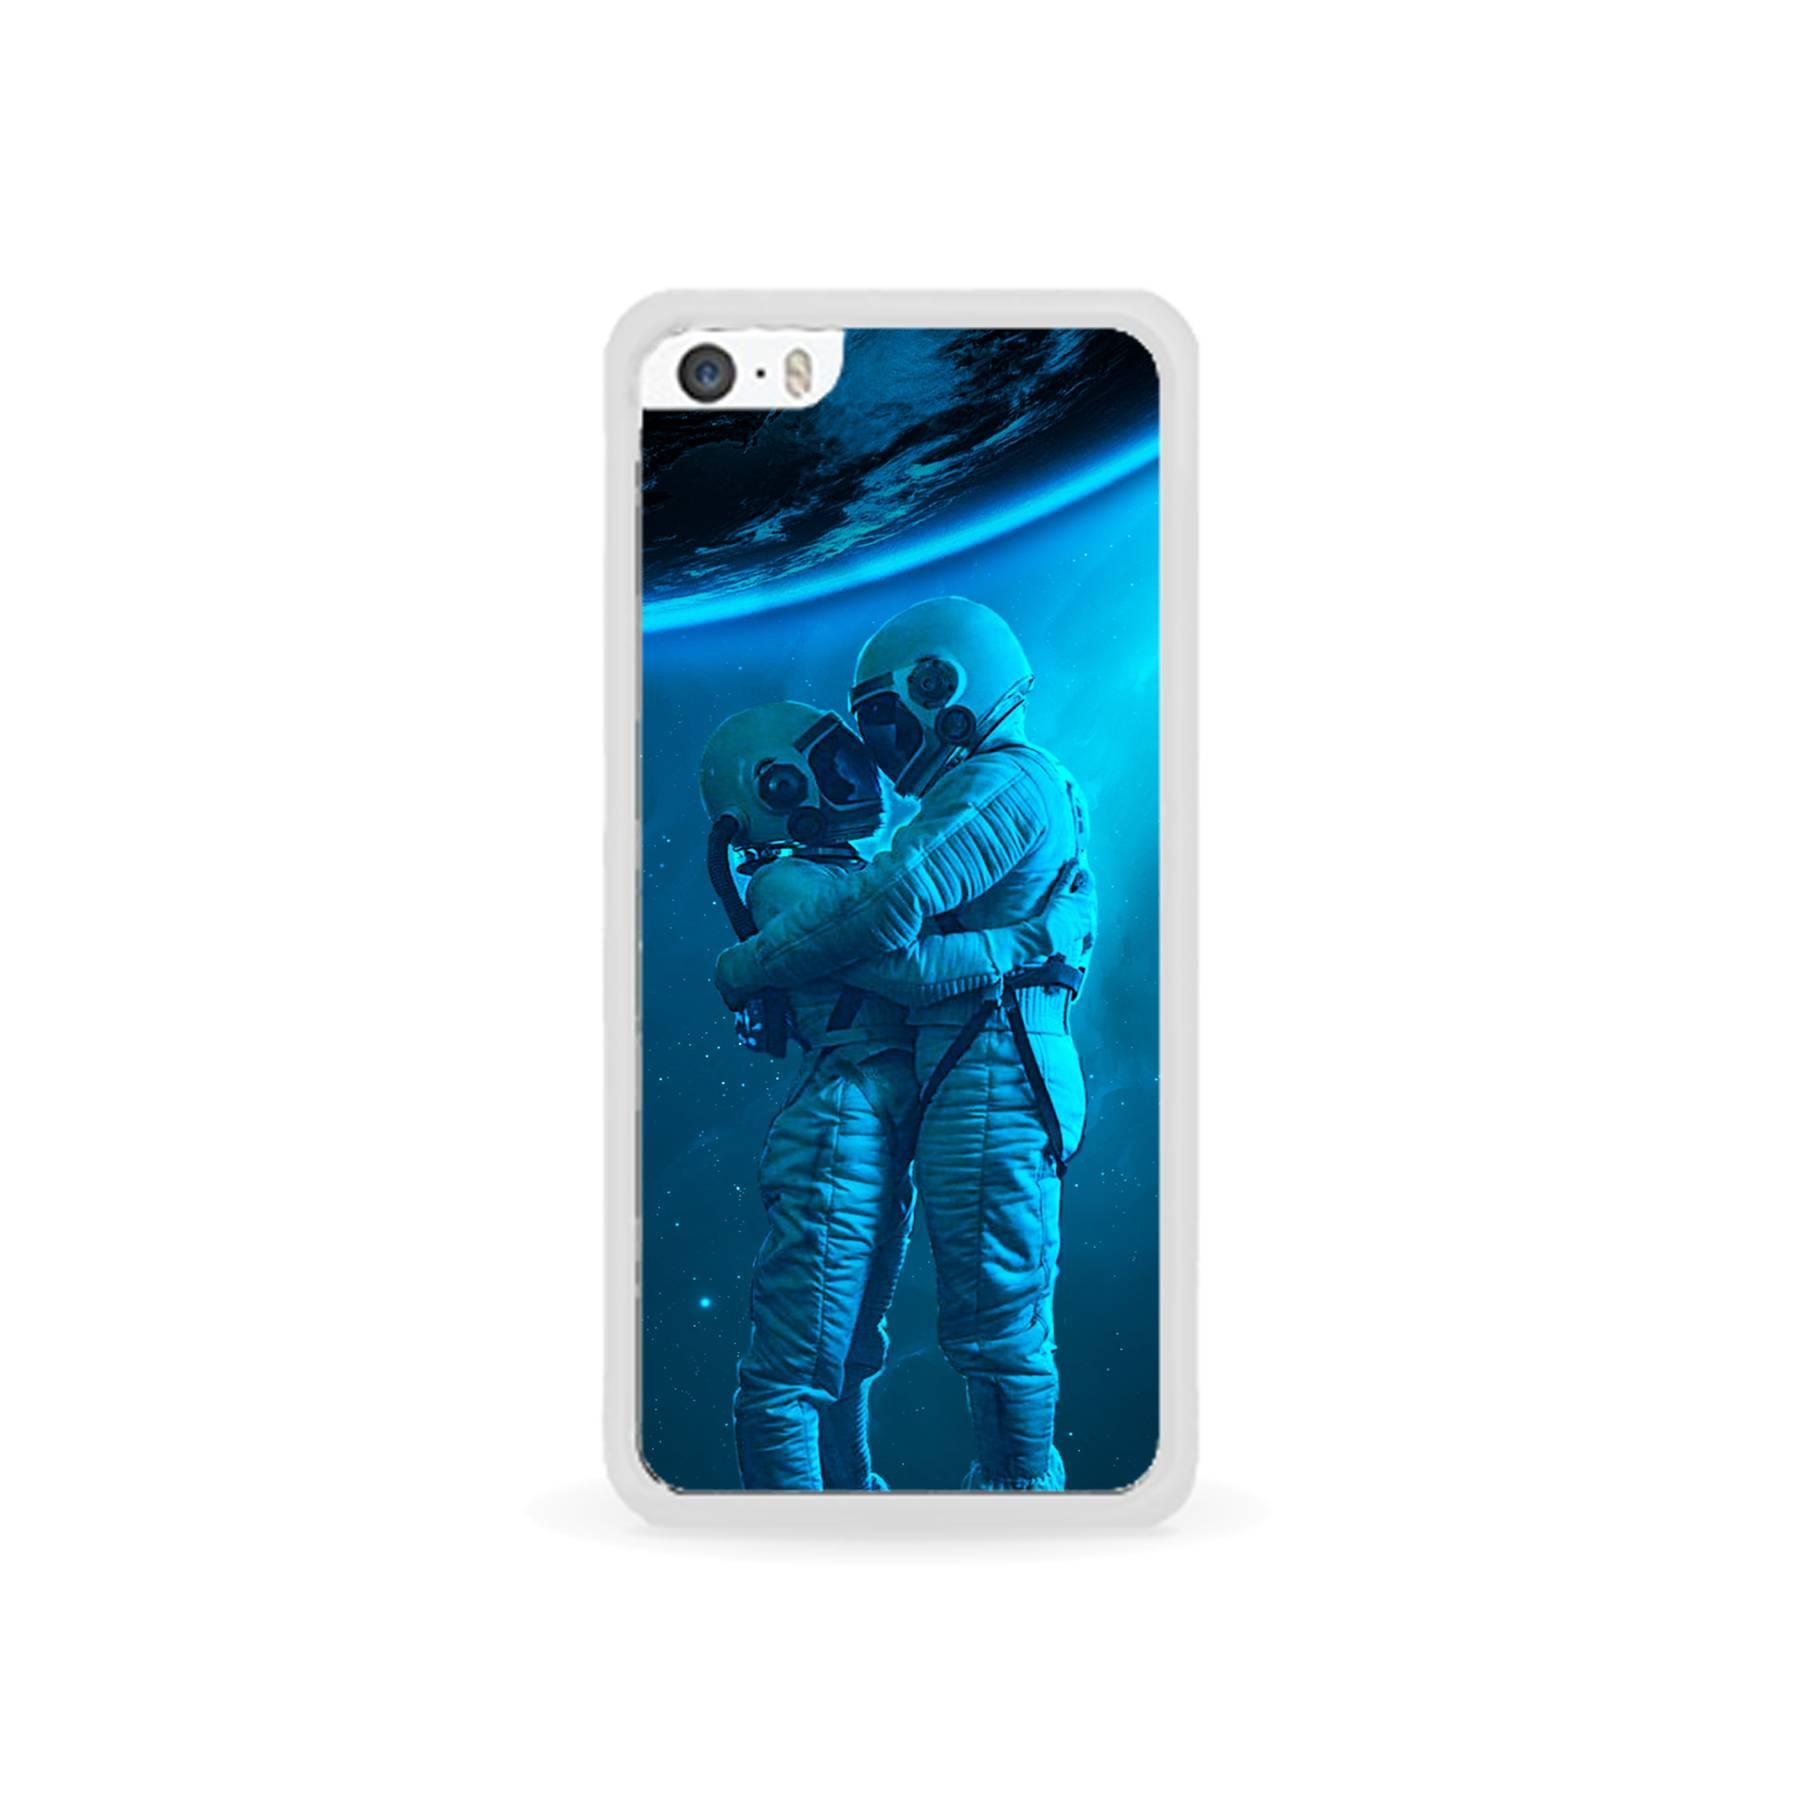 E-pic szilikon védő tok / hátlap - Szerelmes űrhajós pár mintás - APPLE IPhone 5C